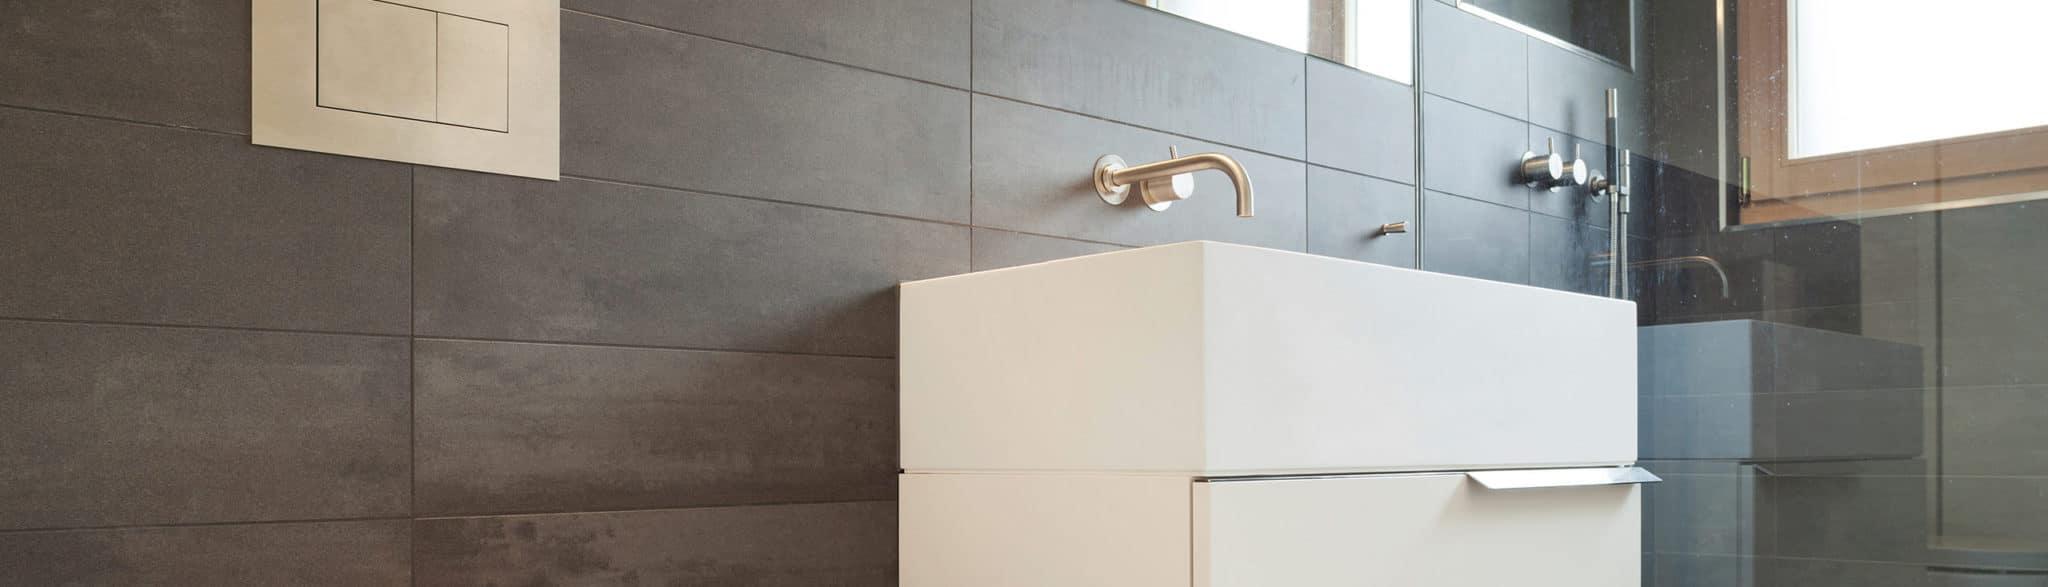 Baño de diseño - muebles de baño en madrid